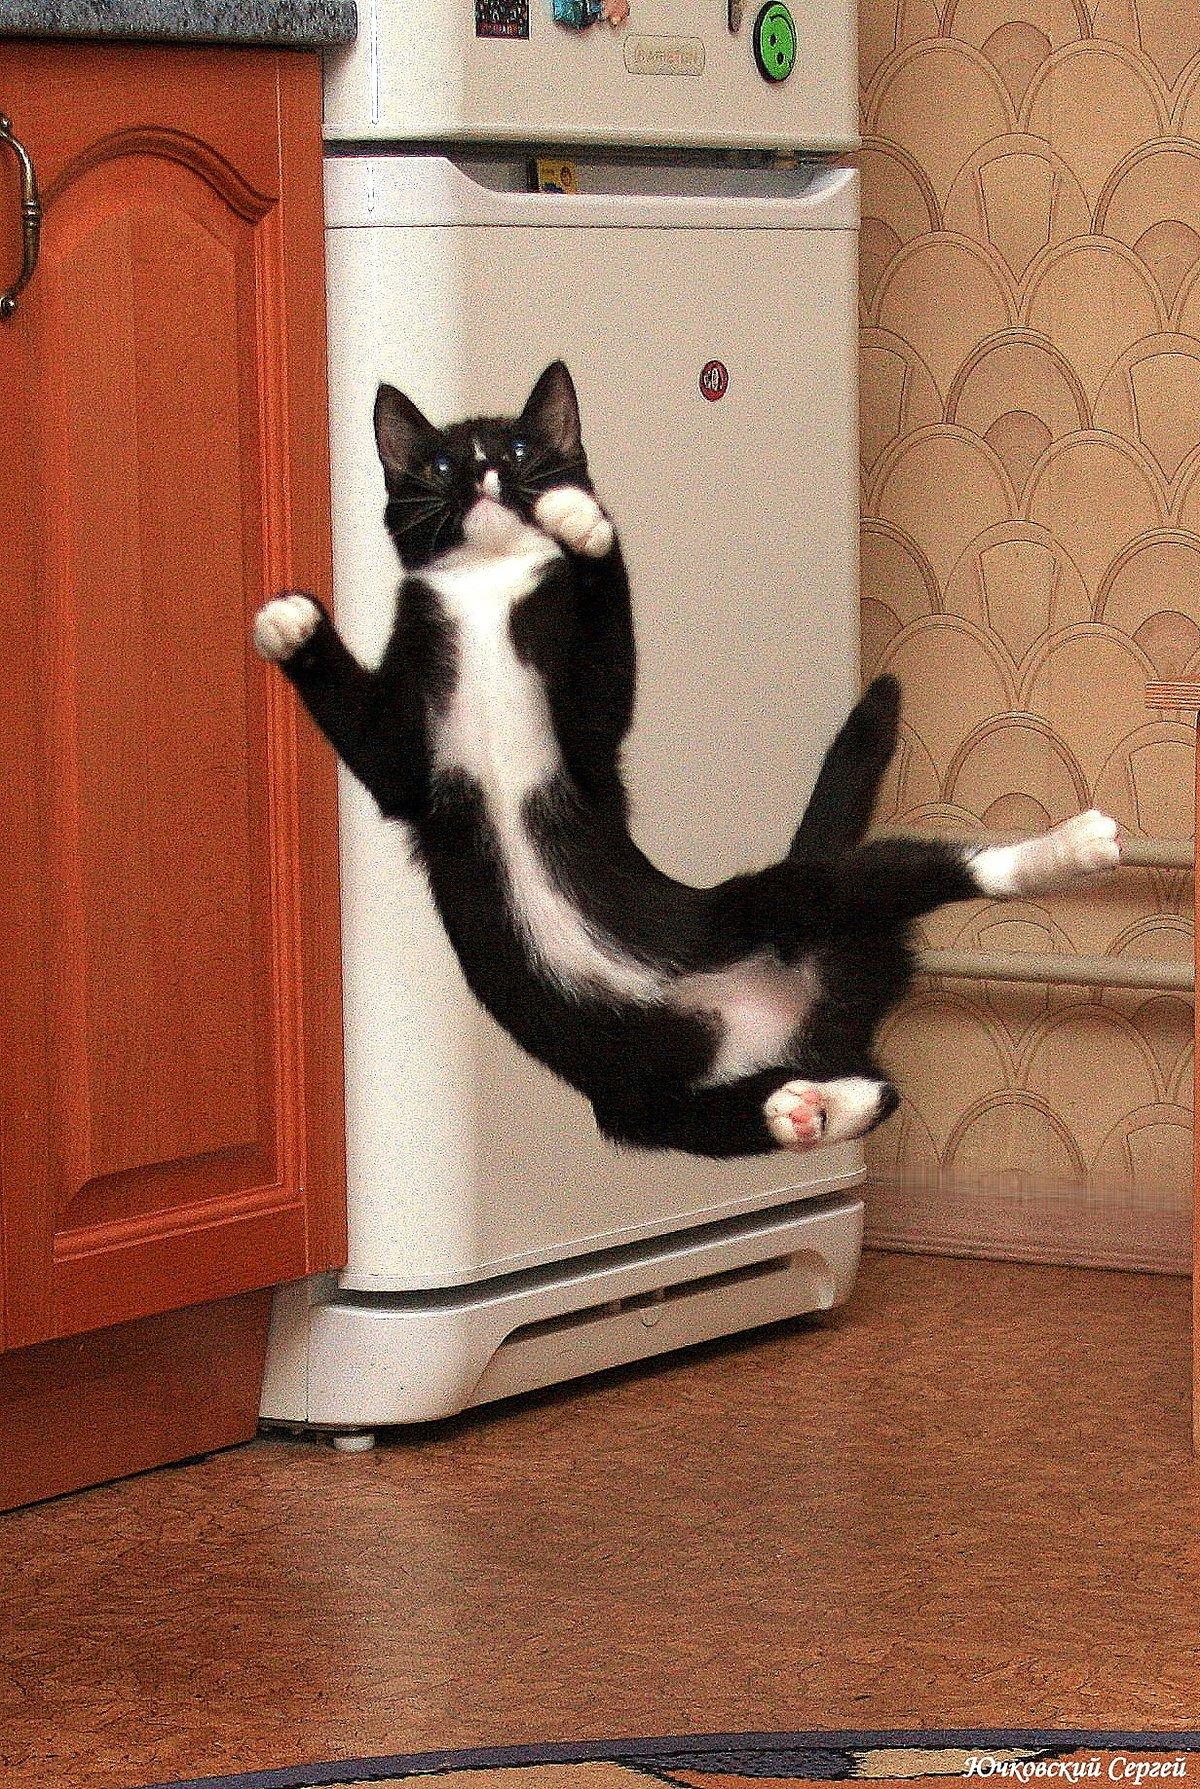 Каратисты мы...#дом #кот #коты #котёнок #кошка #кошки #мурли #полёт #прикол #шутка